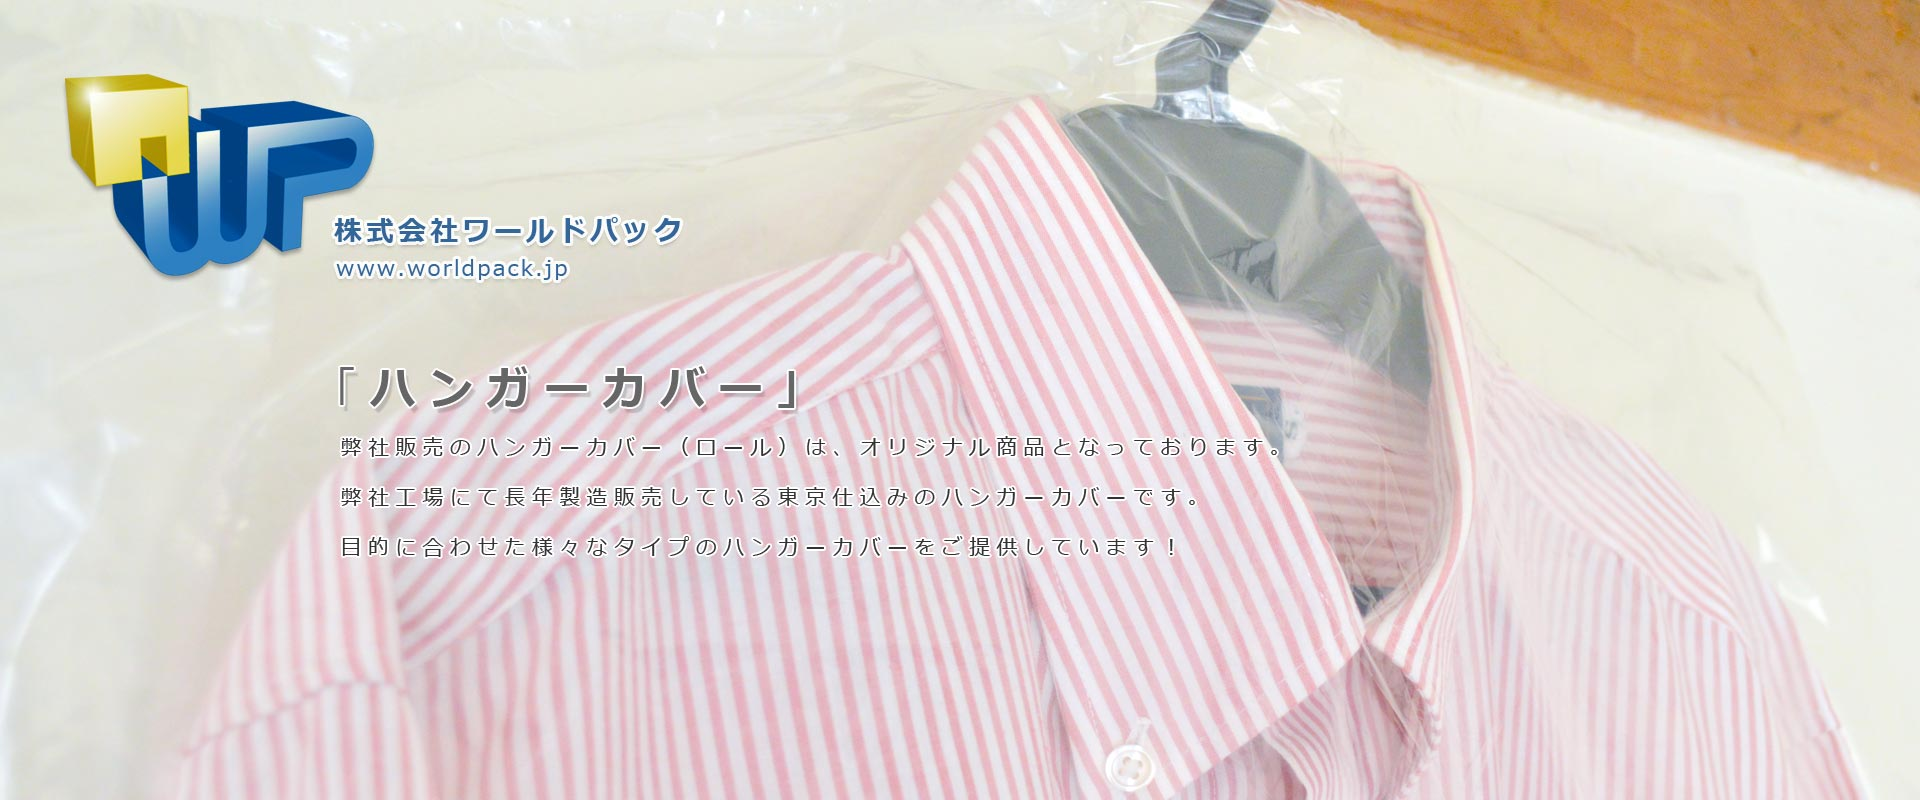 ハンガーカバーは100枚からでも販売可能です【迅速対応】株式会社ワールドパック 東京、神奈川、埼玉、千葉、茨城、群馬、栃木